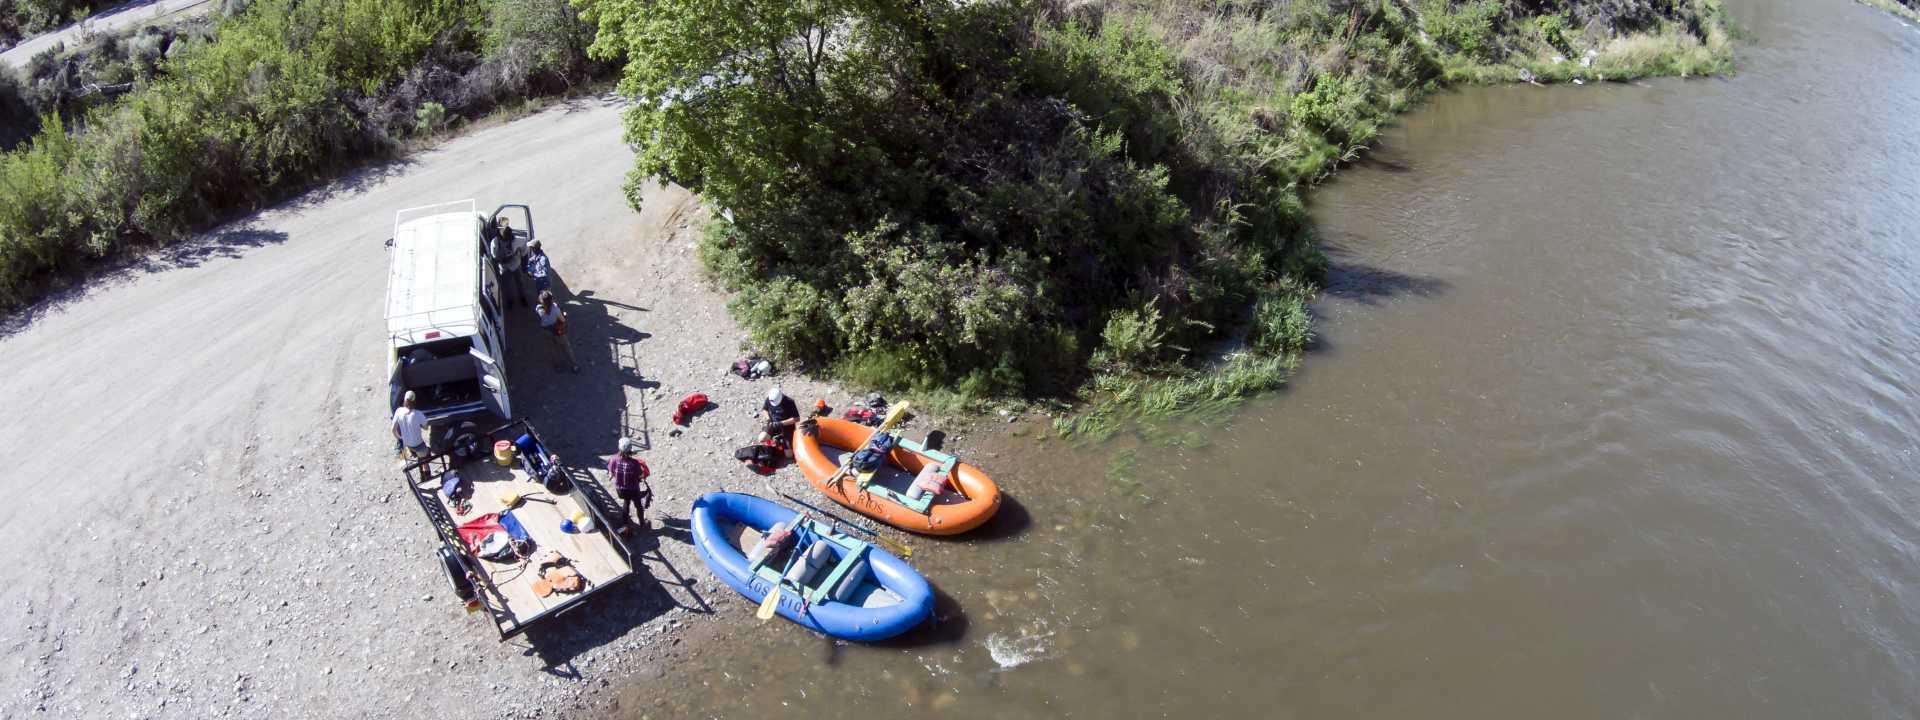 Rafting Header